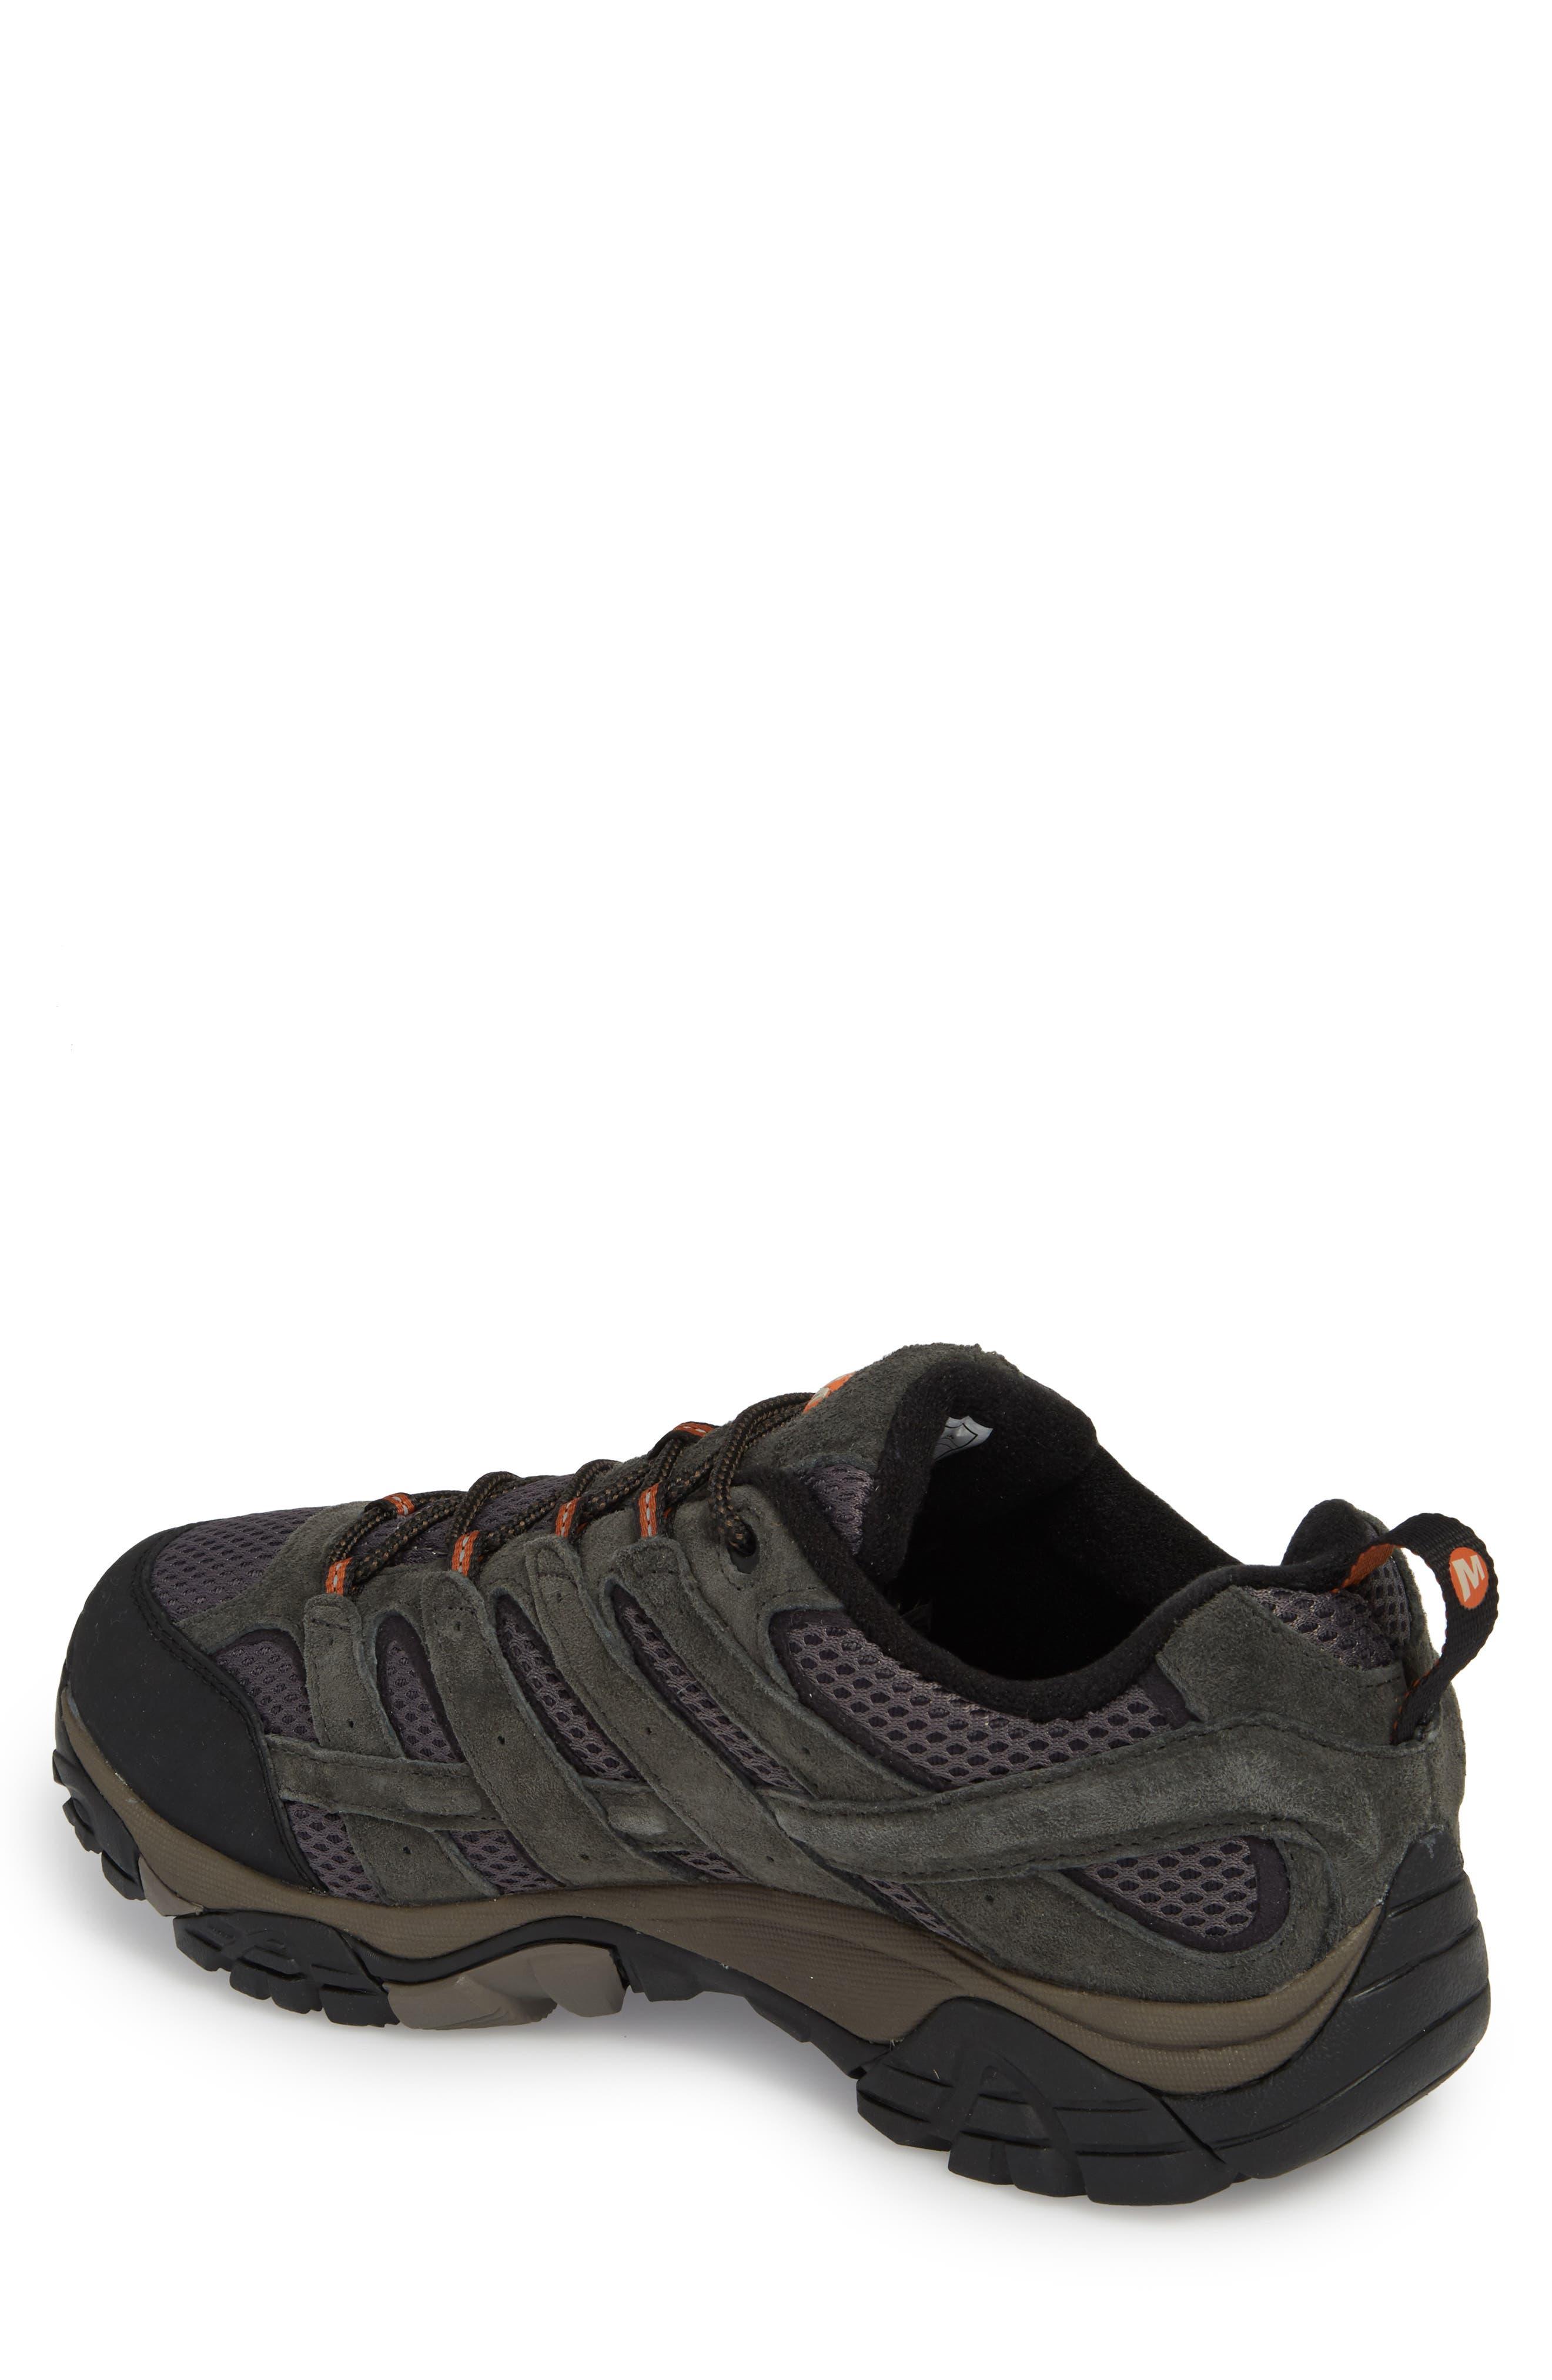 Moab 2 Waterproof HIking Shoe,                             Alternate thumbnail 2, color,                             BELUGA/ BELUGA